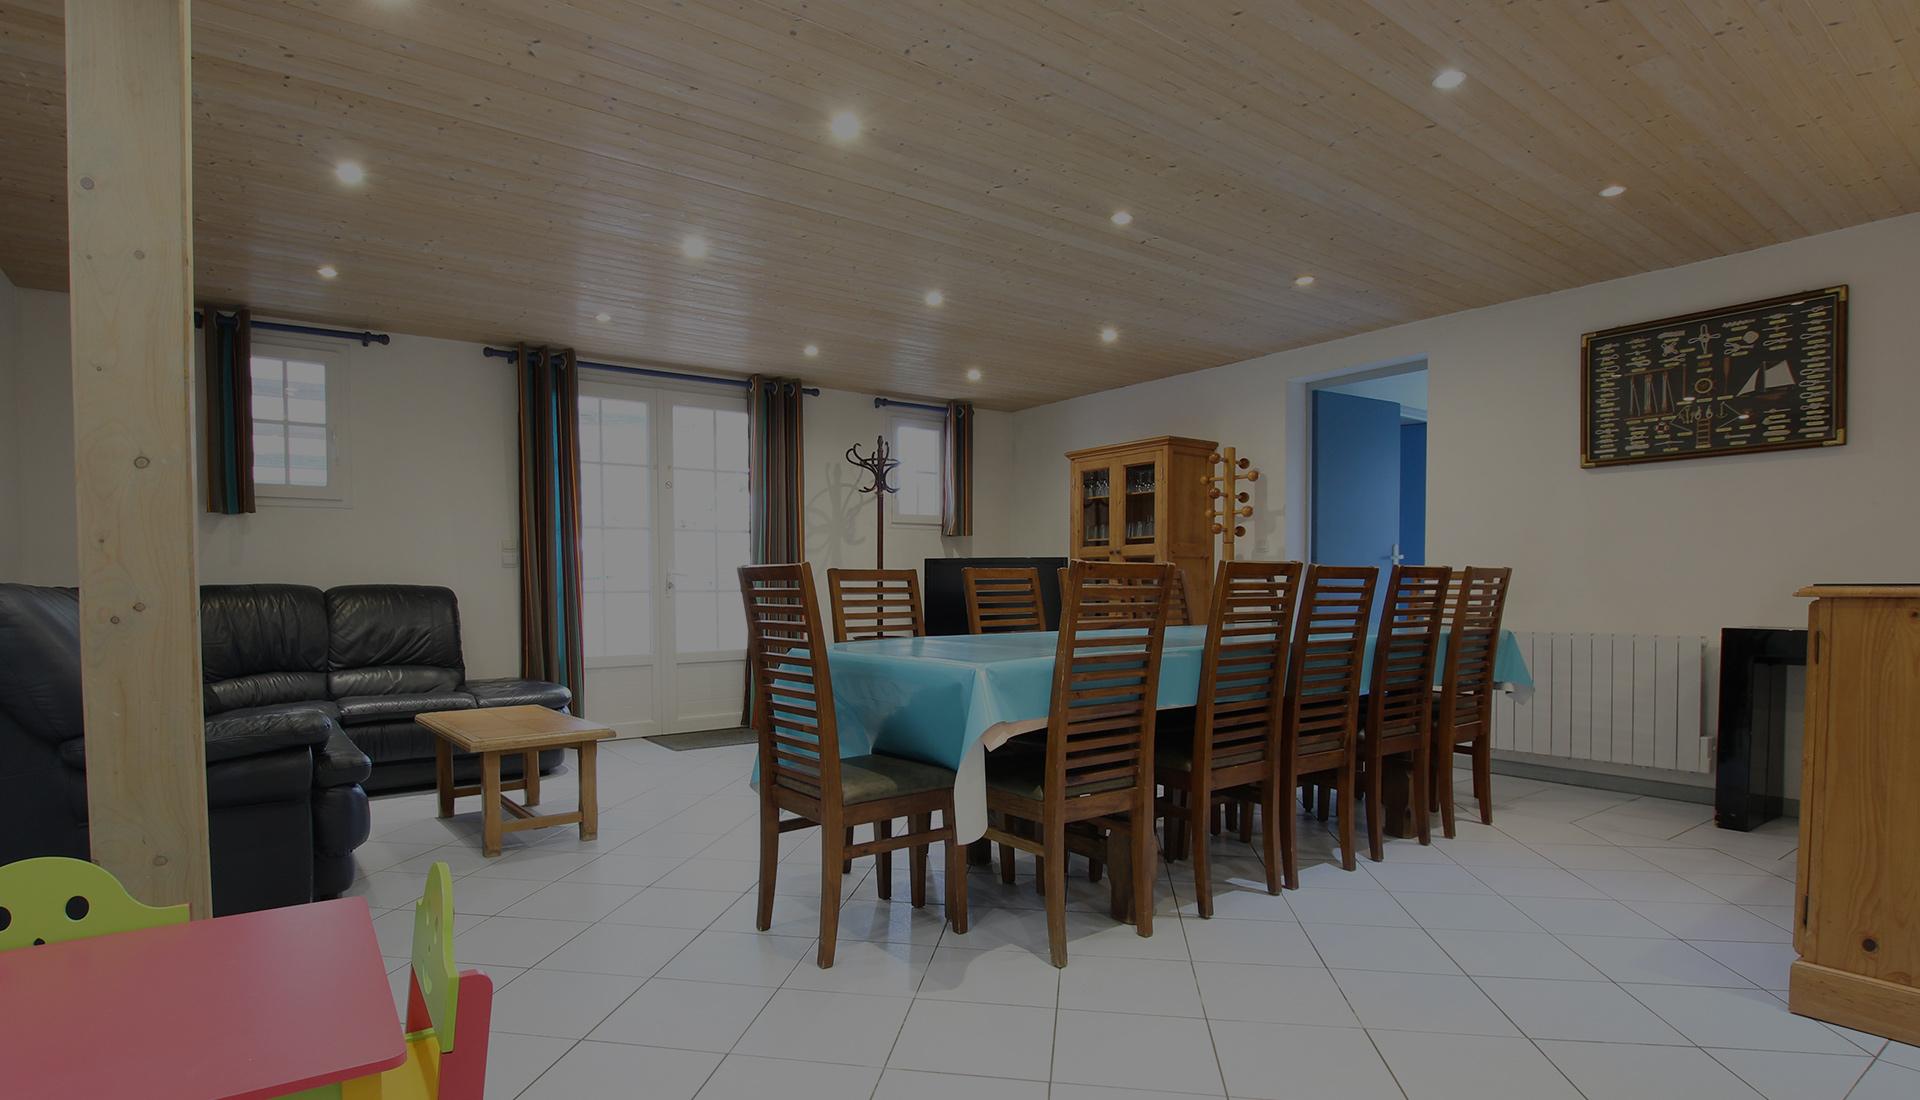 Salon avec salle à manger et table pour enfants location de la maison saint sauveur